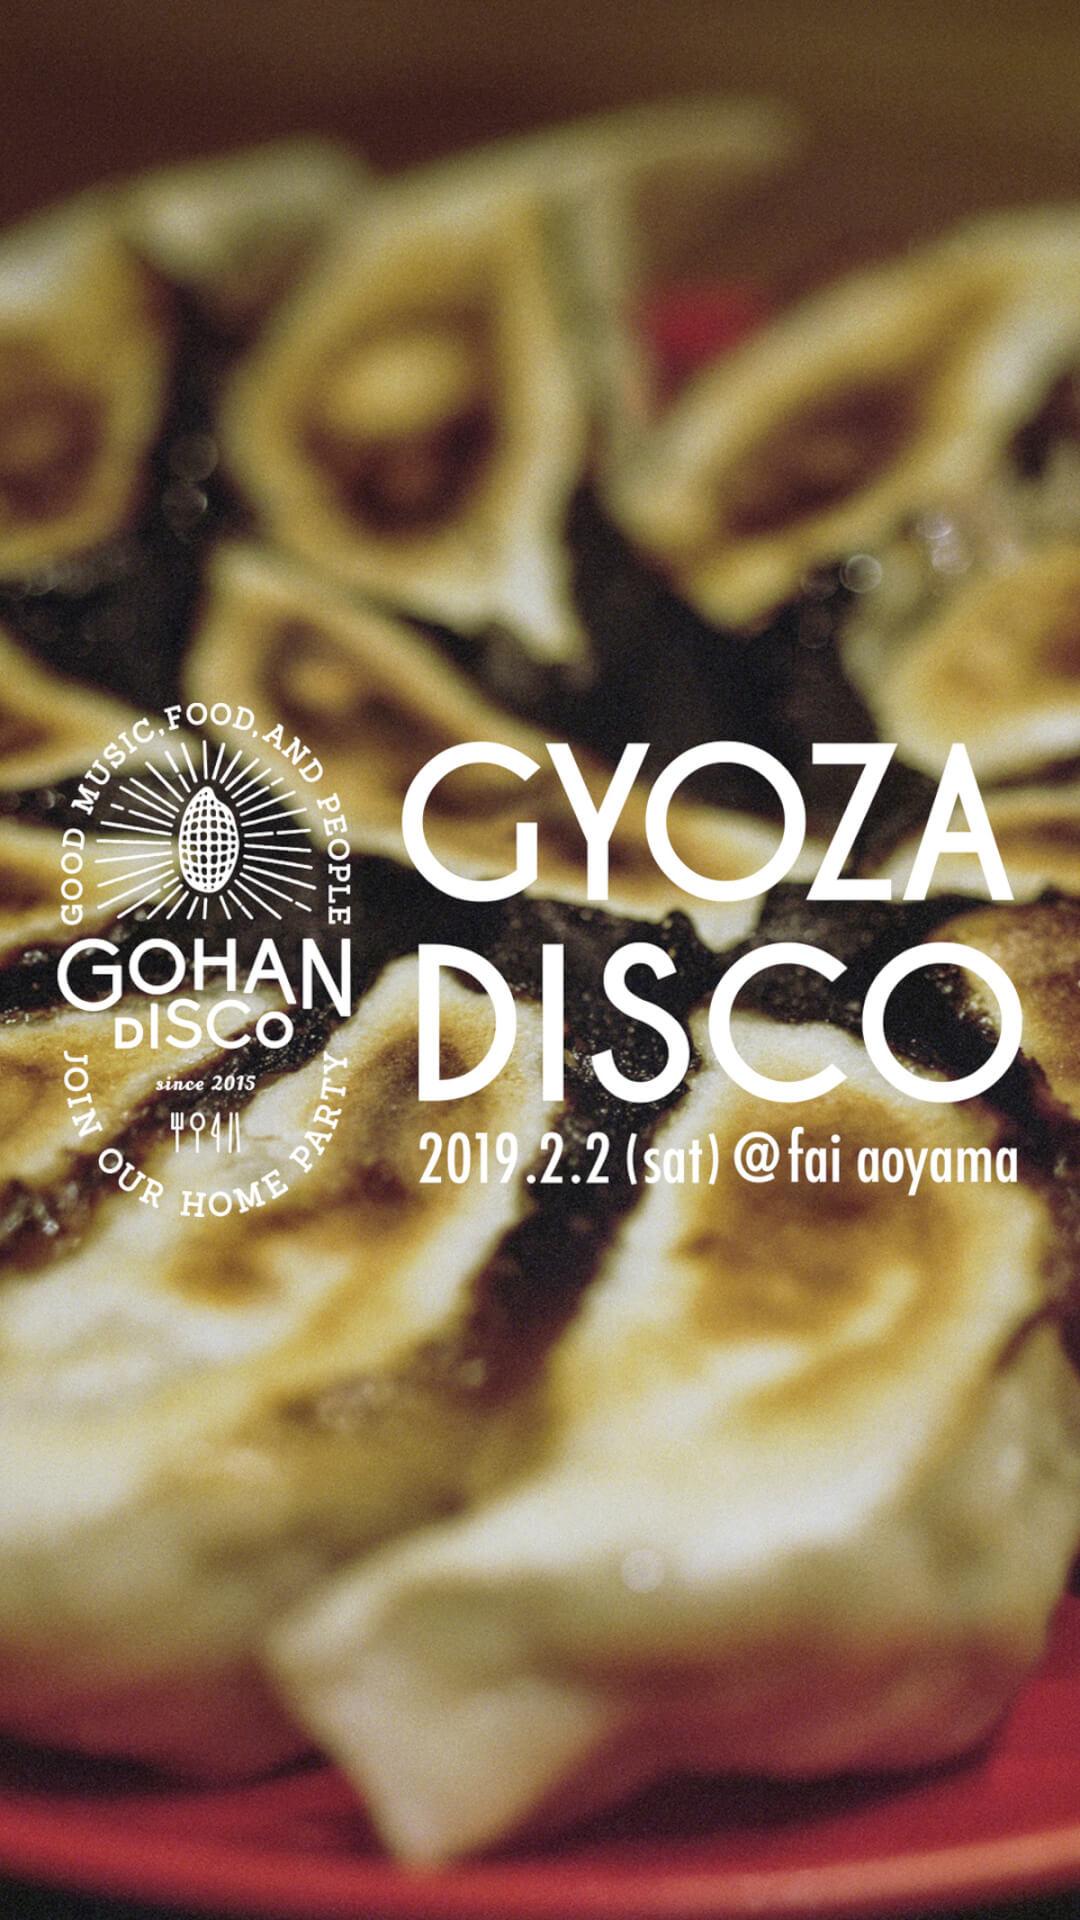 餃子食べ放題のディスコイベント<GYOZADISCO>が開催!青野賢一、ろるらり、SUKISHA、 xiangyuらが登場 food190112-gohandis7